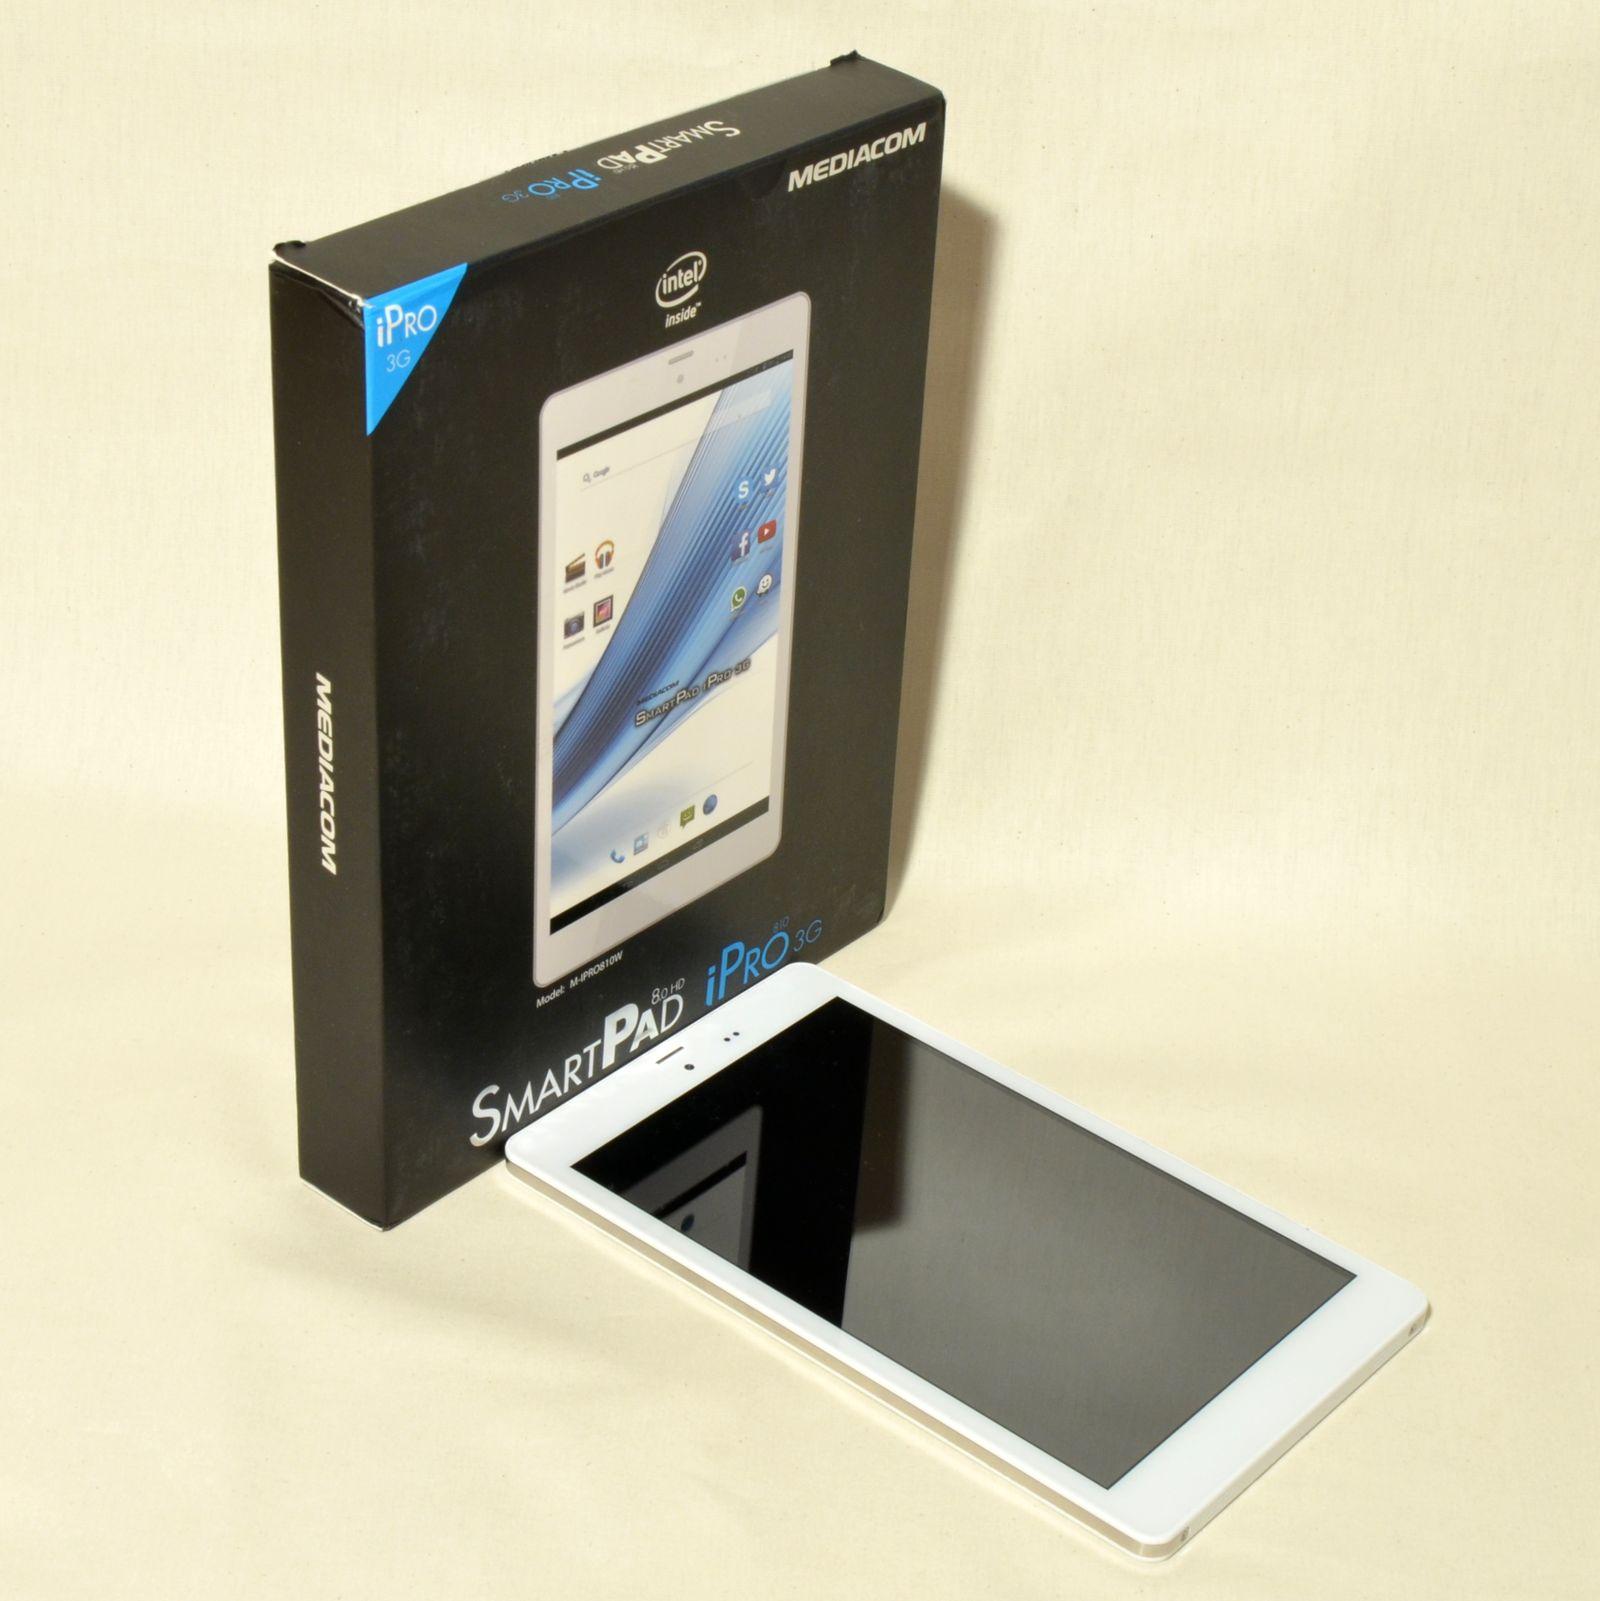 Mediacom SmartPad 8.0 HD iPro810 3G aduce un design plăcut în segmentul Entry Level